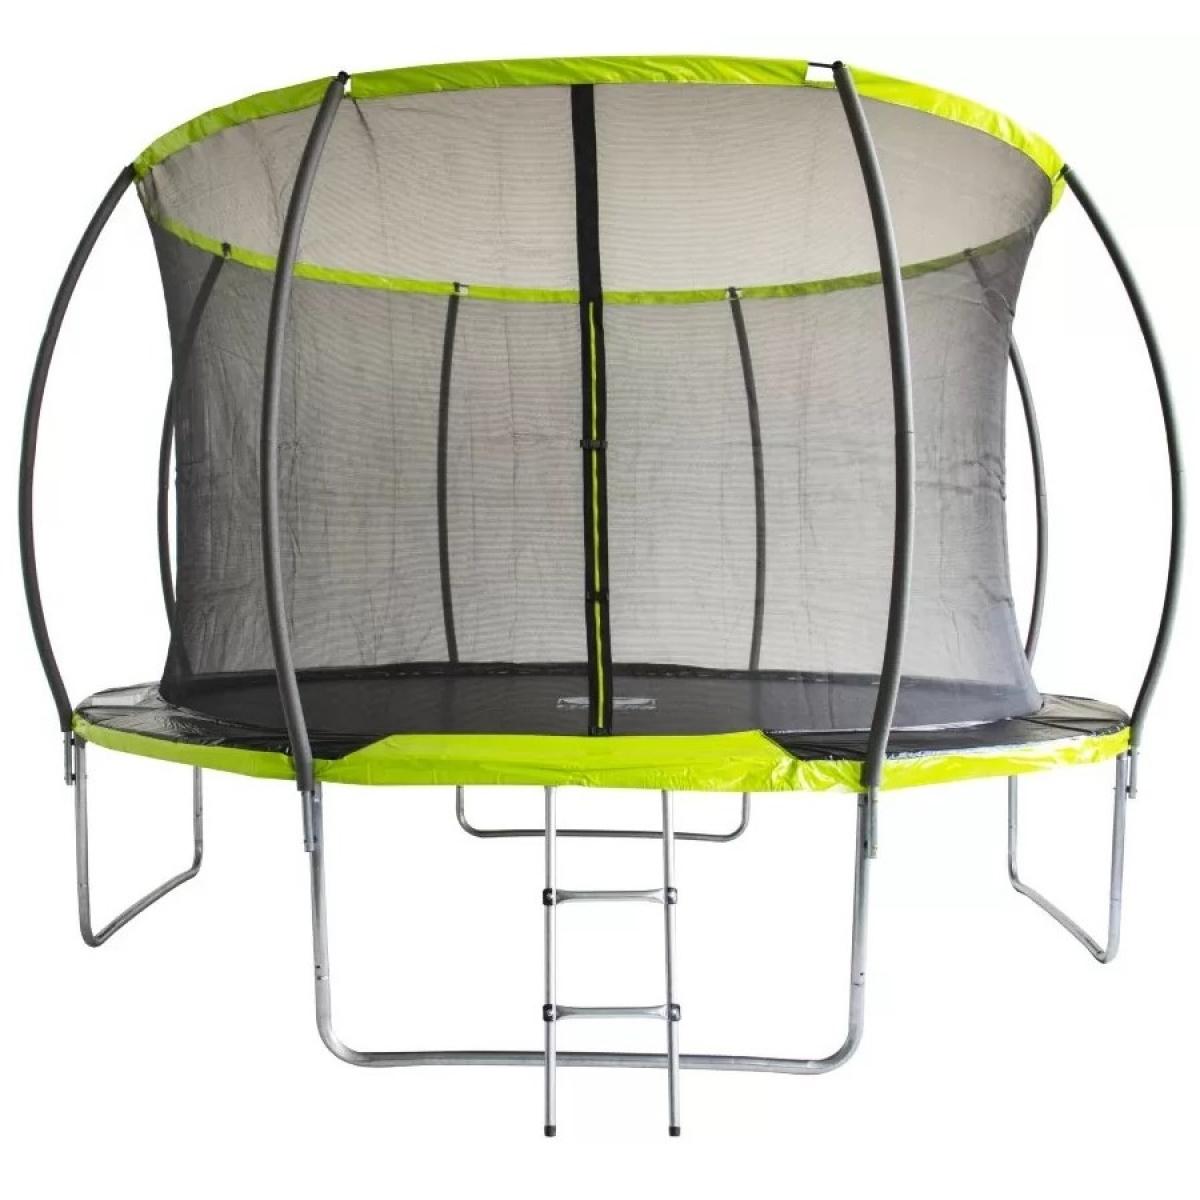 Батут Fitness Trampoline GREEN 10 FT Extreme INSIDE (3 опоры)